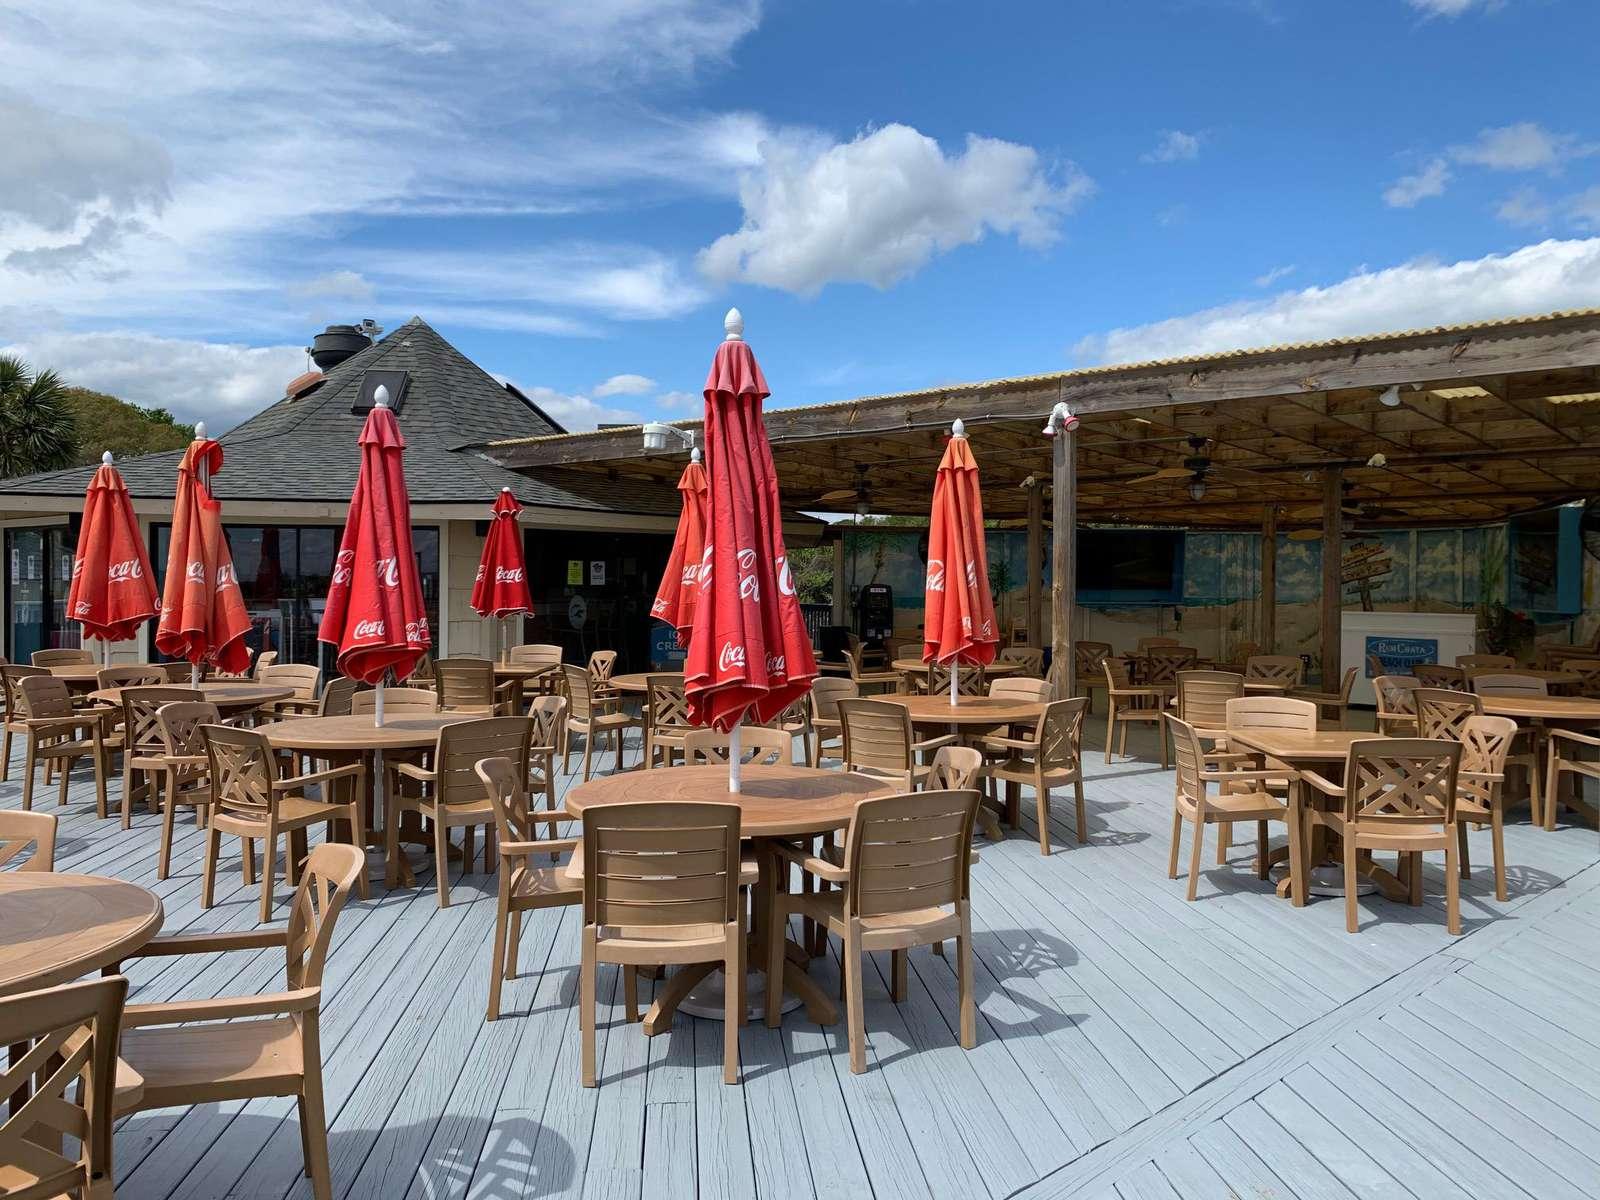 Beach Bar and Cafe